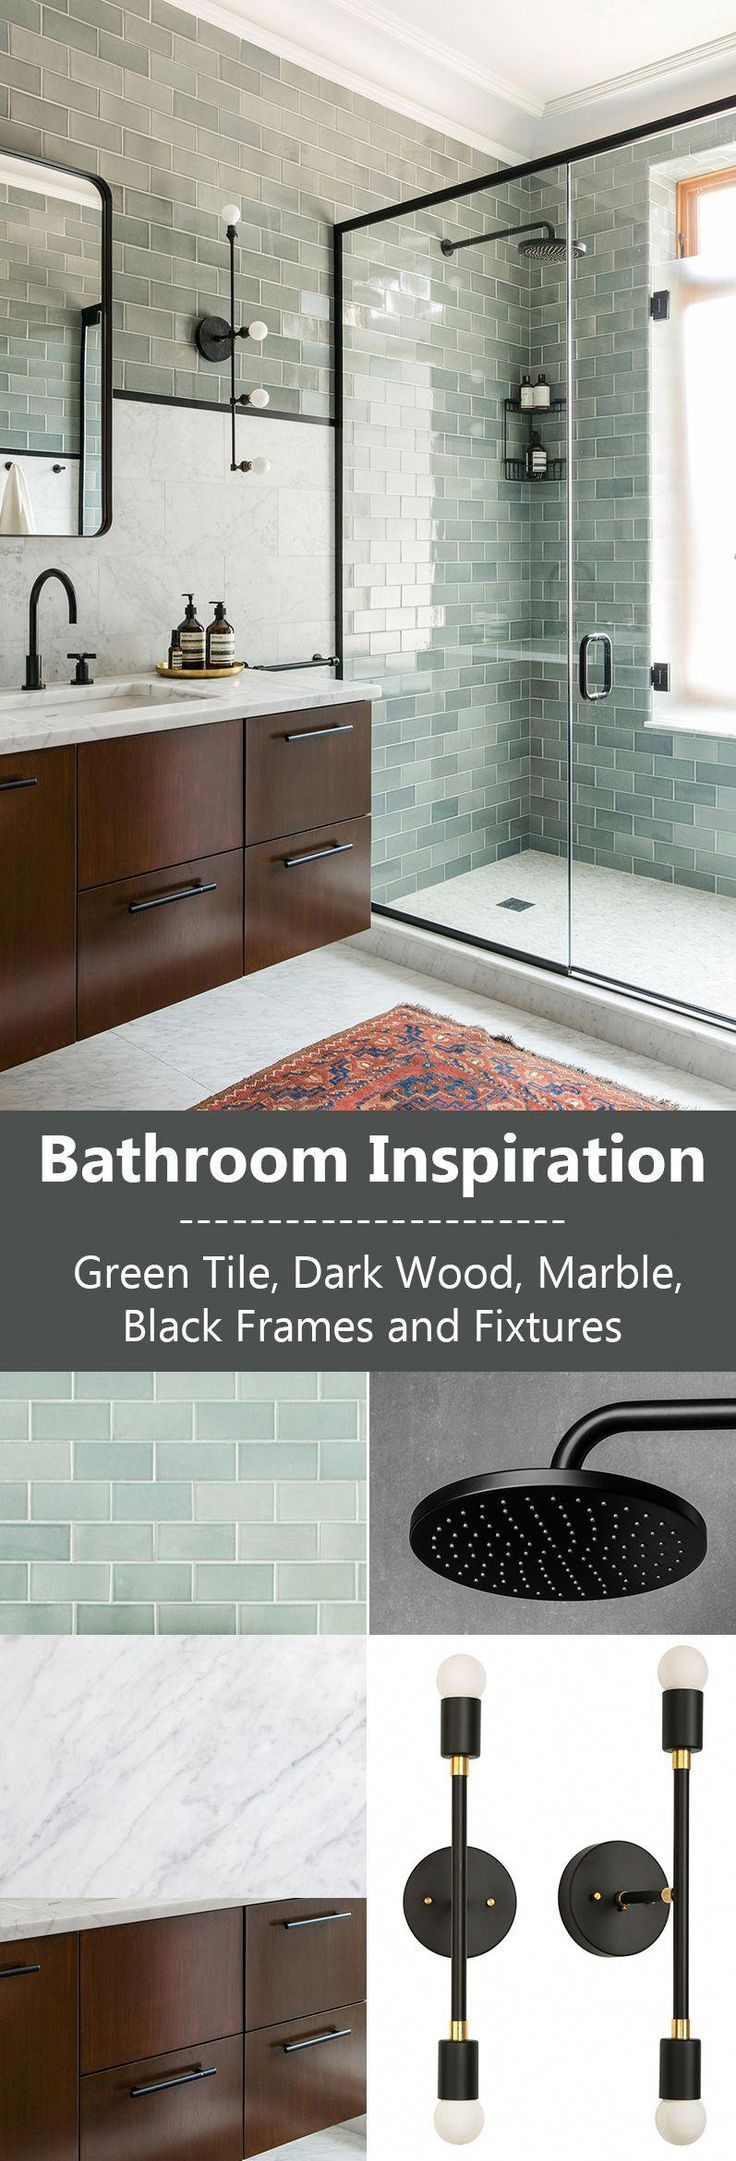 Atemberaubendes Foto – lesen Sie unsere Artikel für noch kreativere Konzepte! #coppersink – – #badezimmerideen